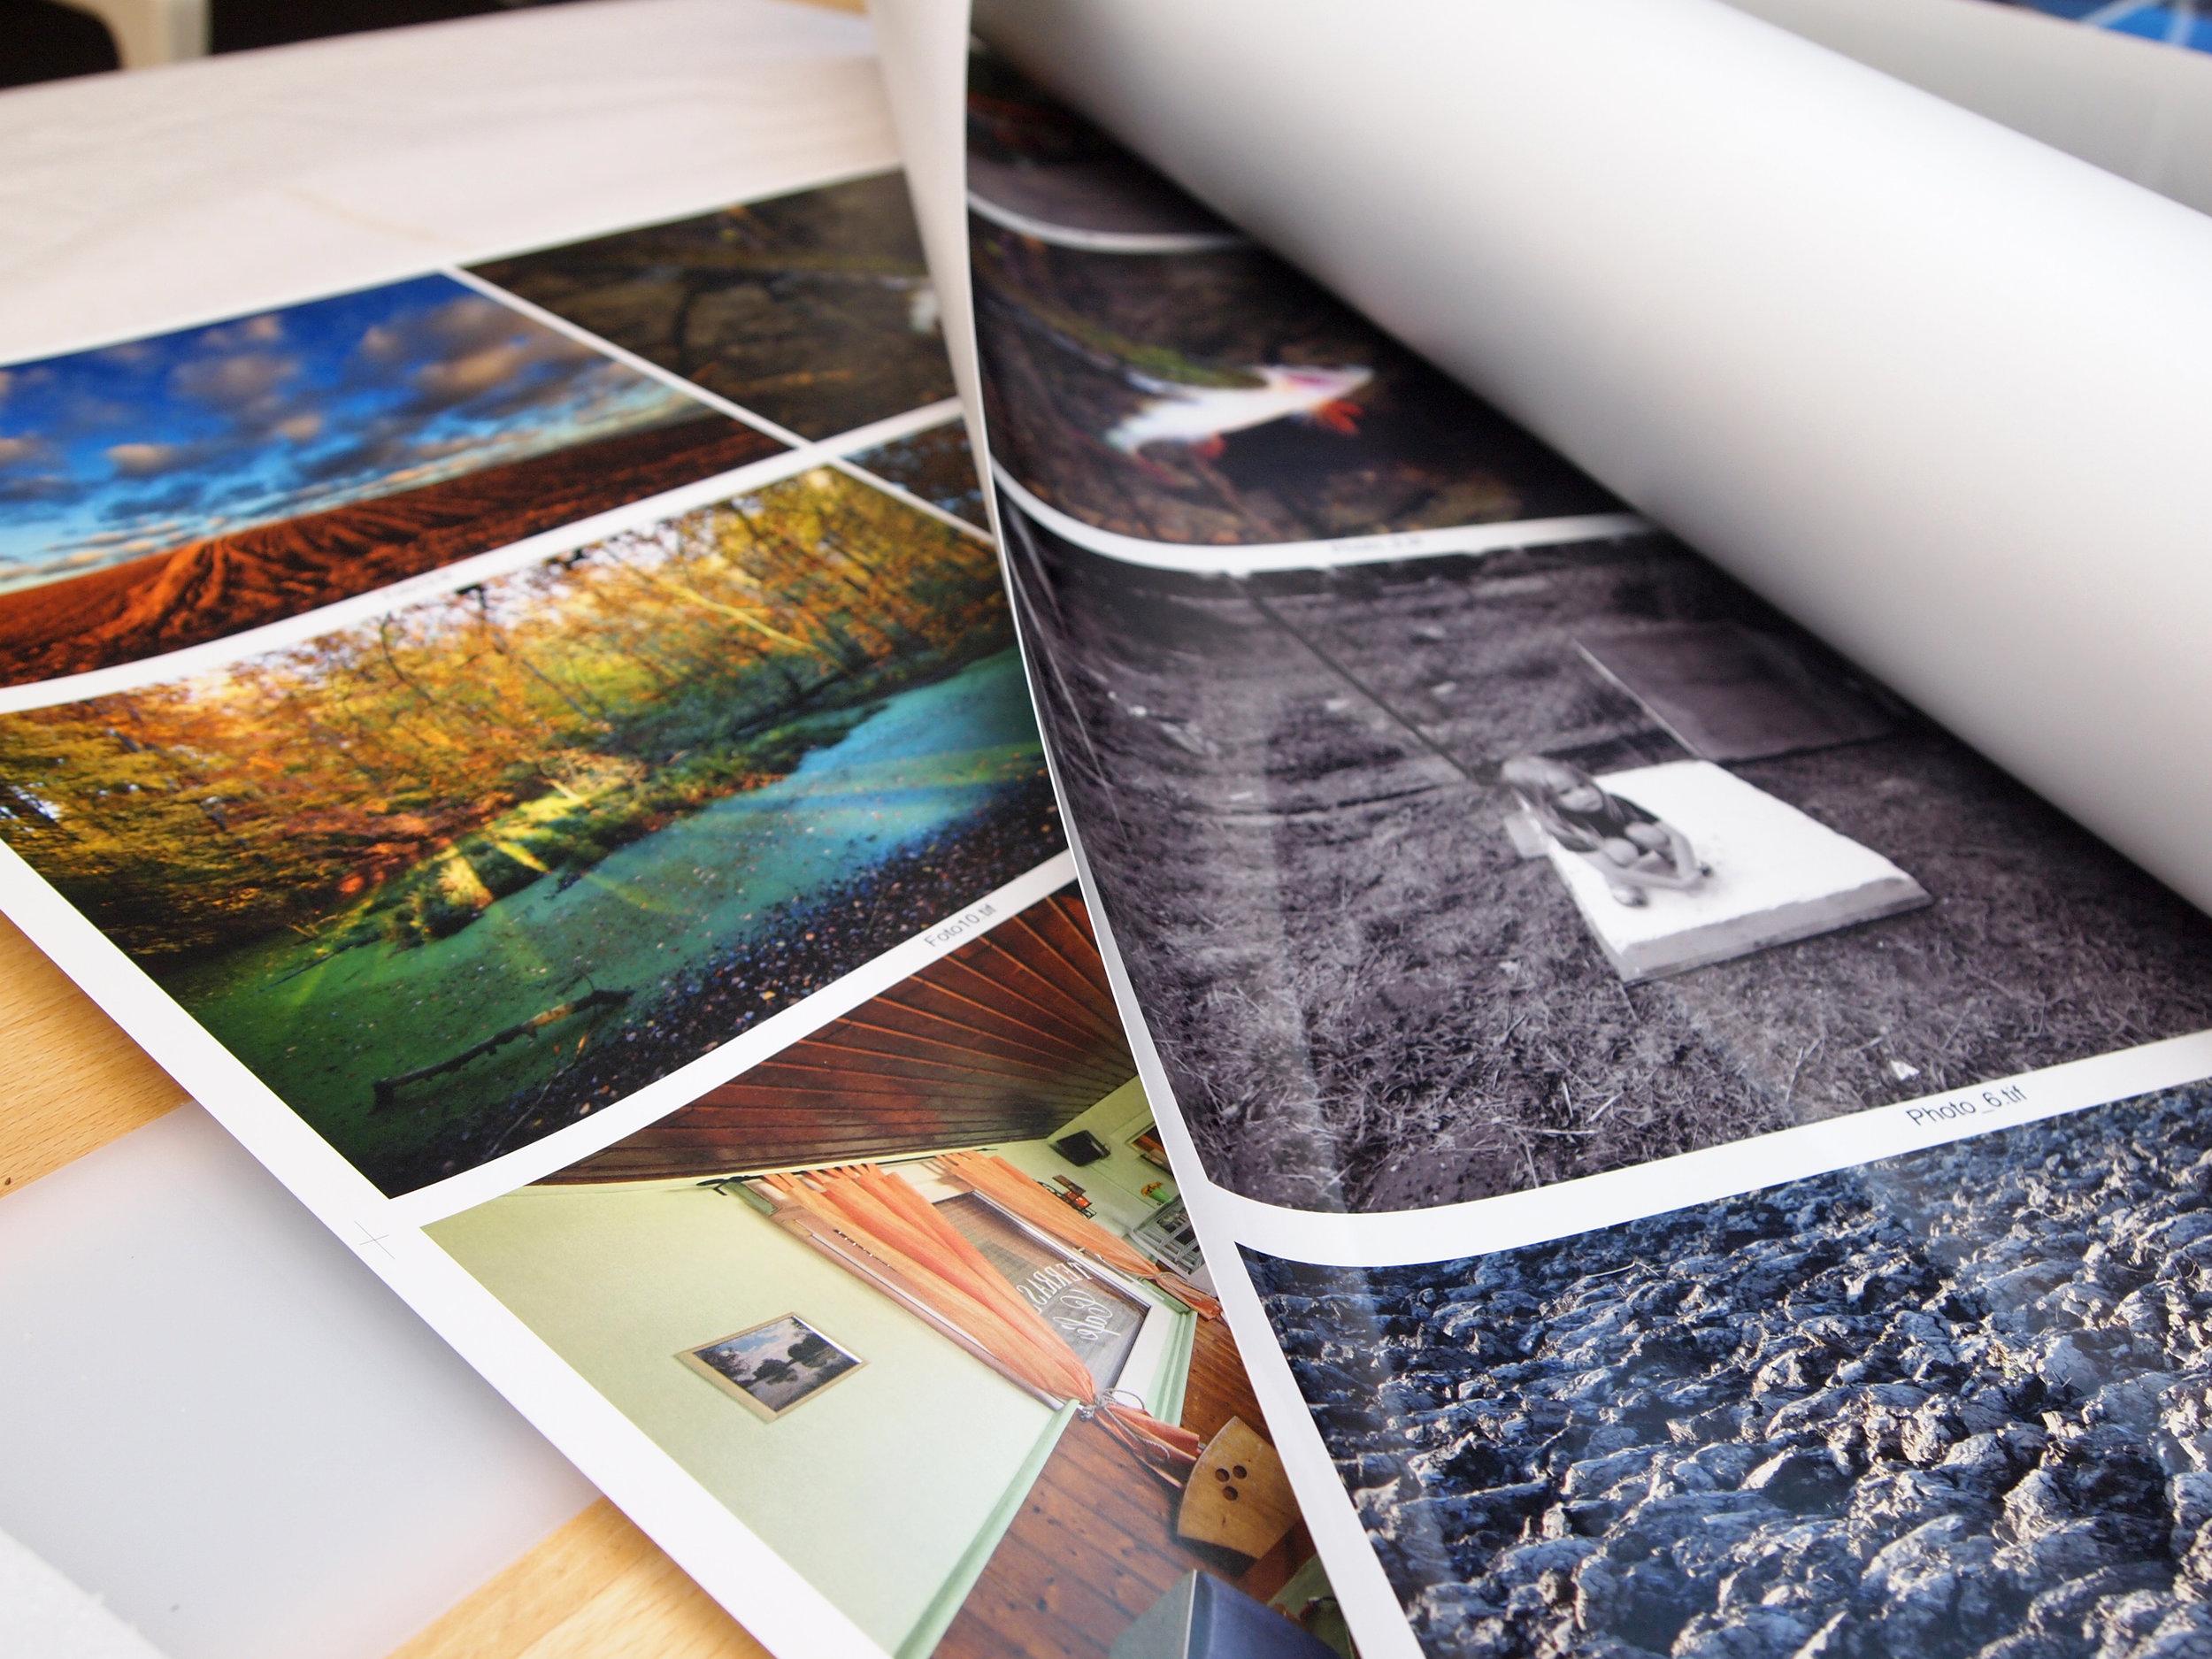 Farbproofs der Fotografien für den Offsetdruck bei Scancolor Leipzig